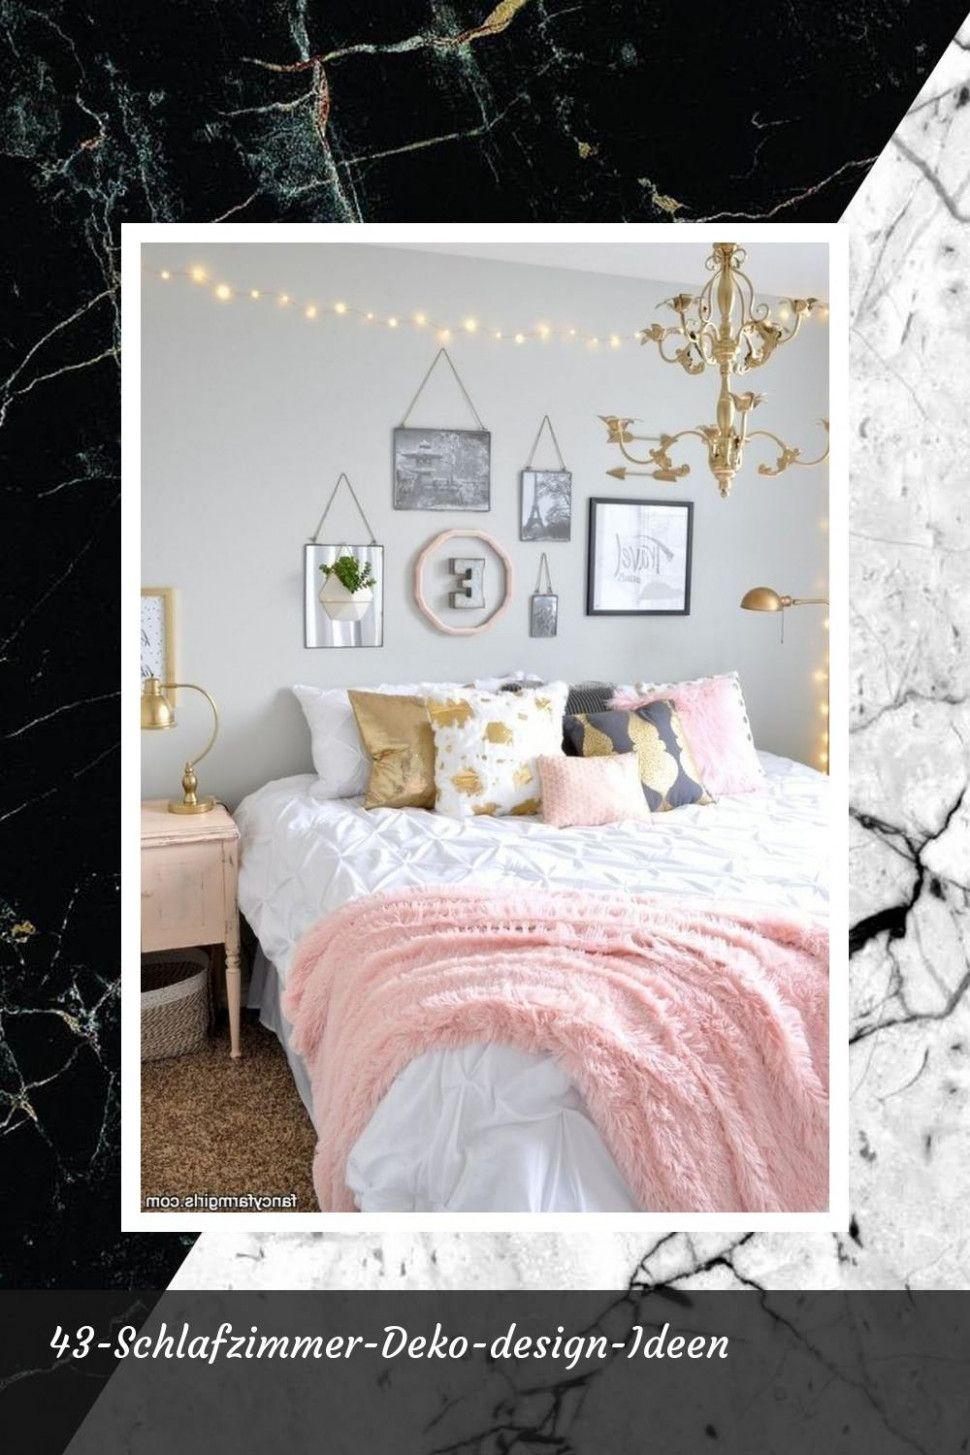 15 Beschwerden Deko Fotos in 2020   Schlafzimmer deko ...